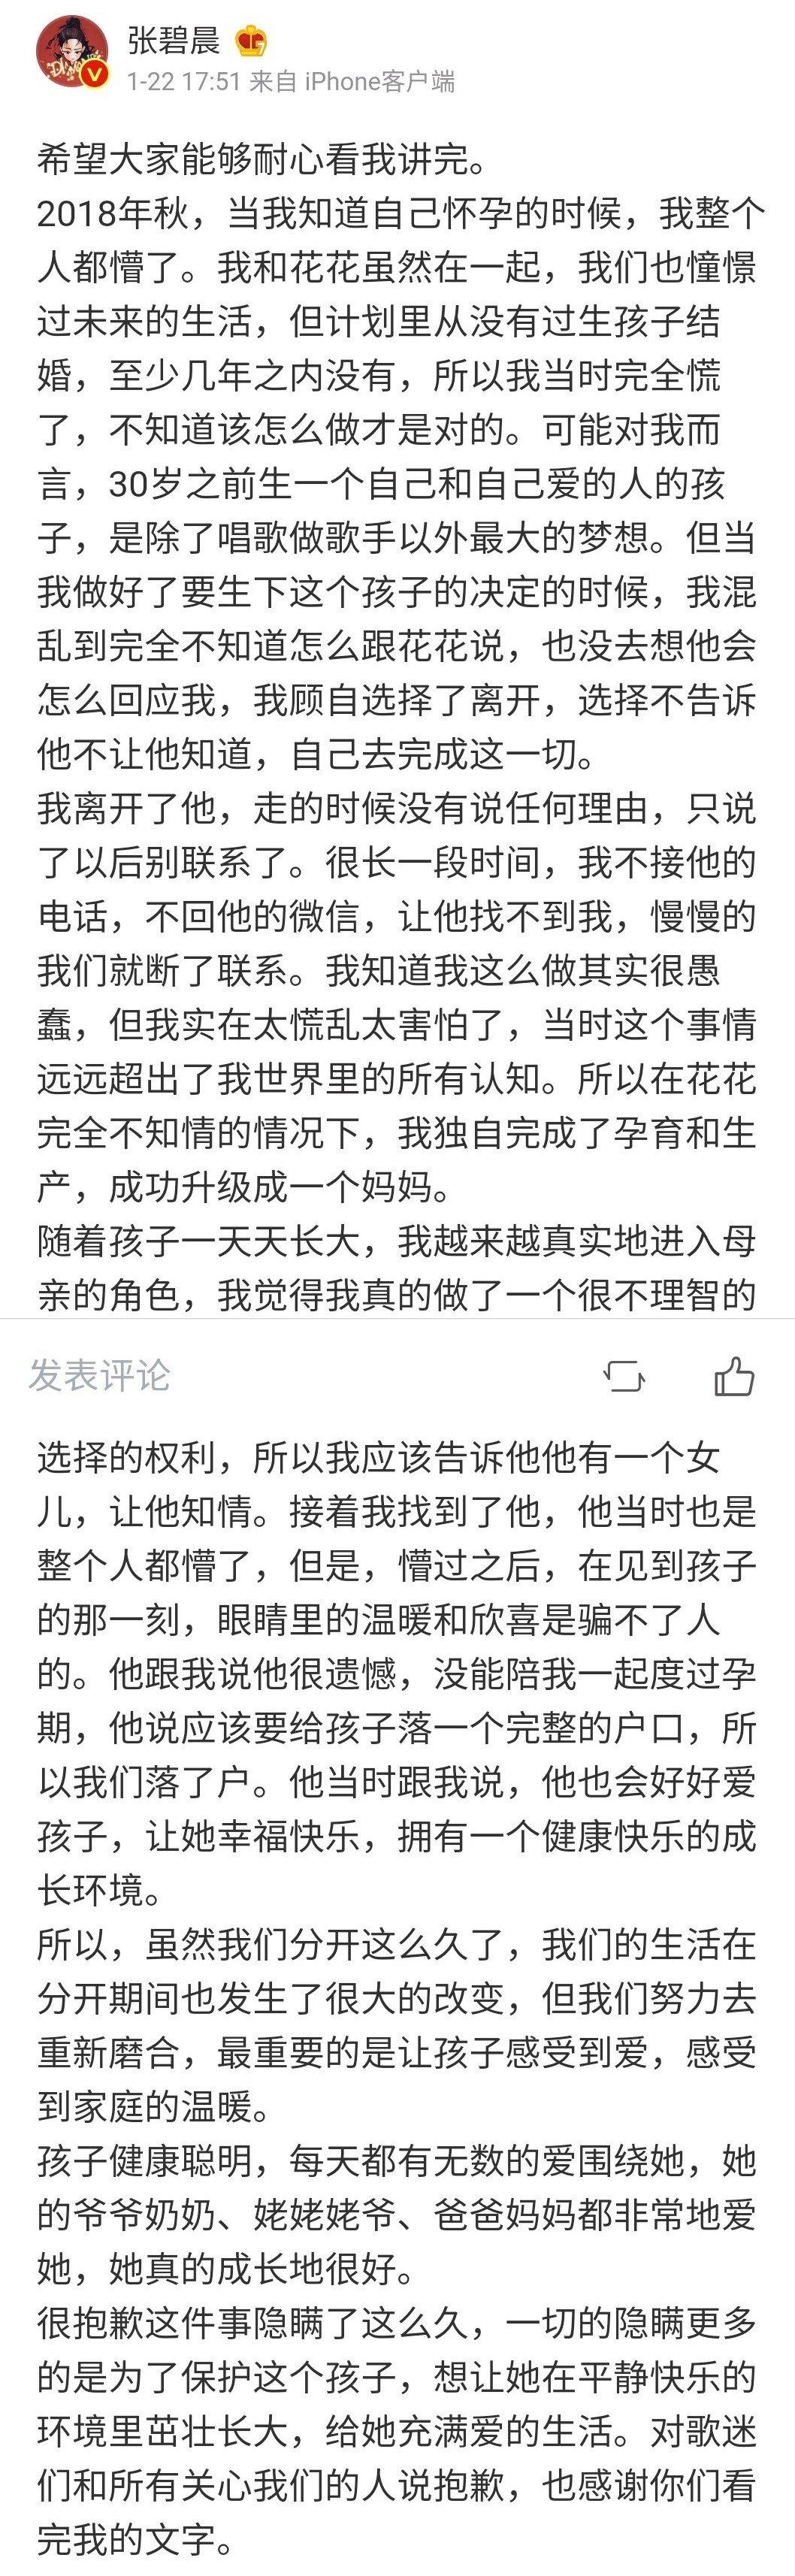 华晨宇整容丨华晨宇方称拒绝造谣者道歉